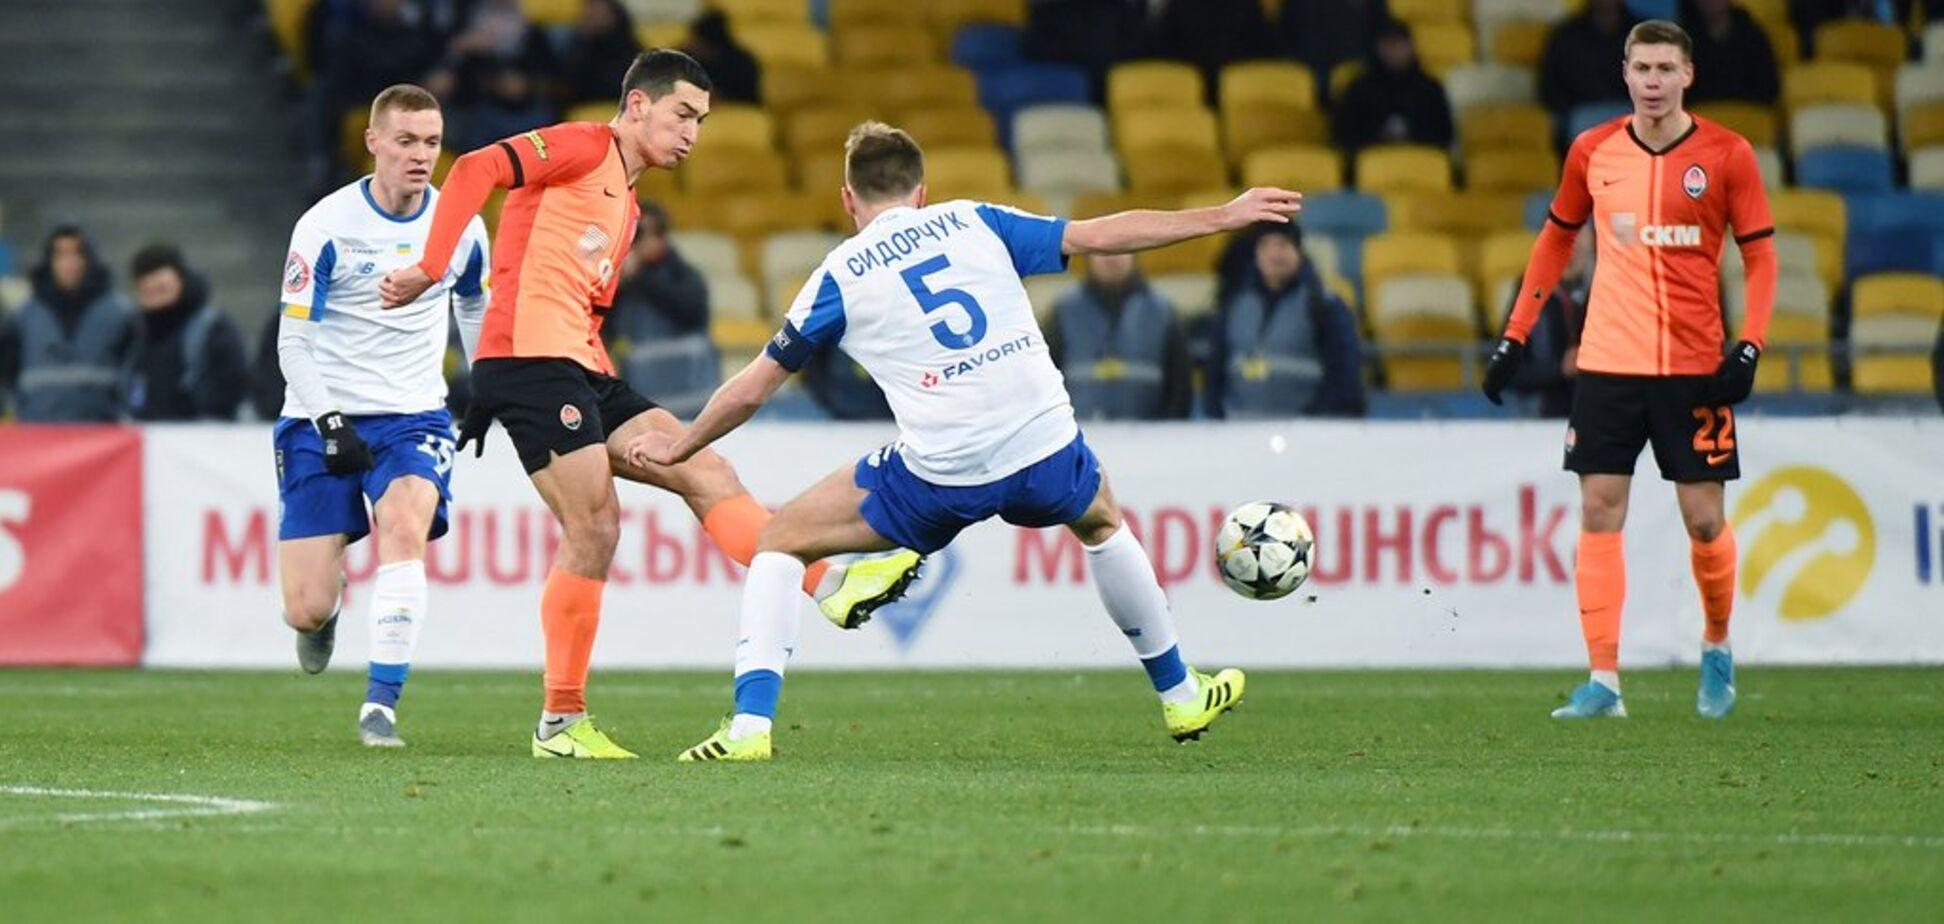 Степаненко невероятным голом на последней секунде спас 'Шахтер' в матче Кубка Украины с 'Динамо'